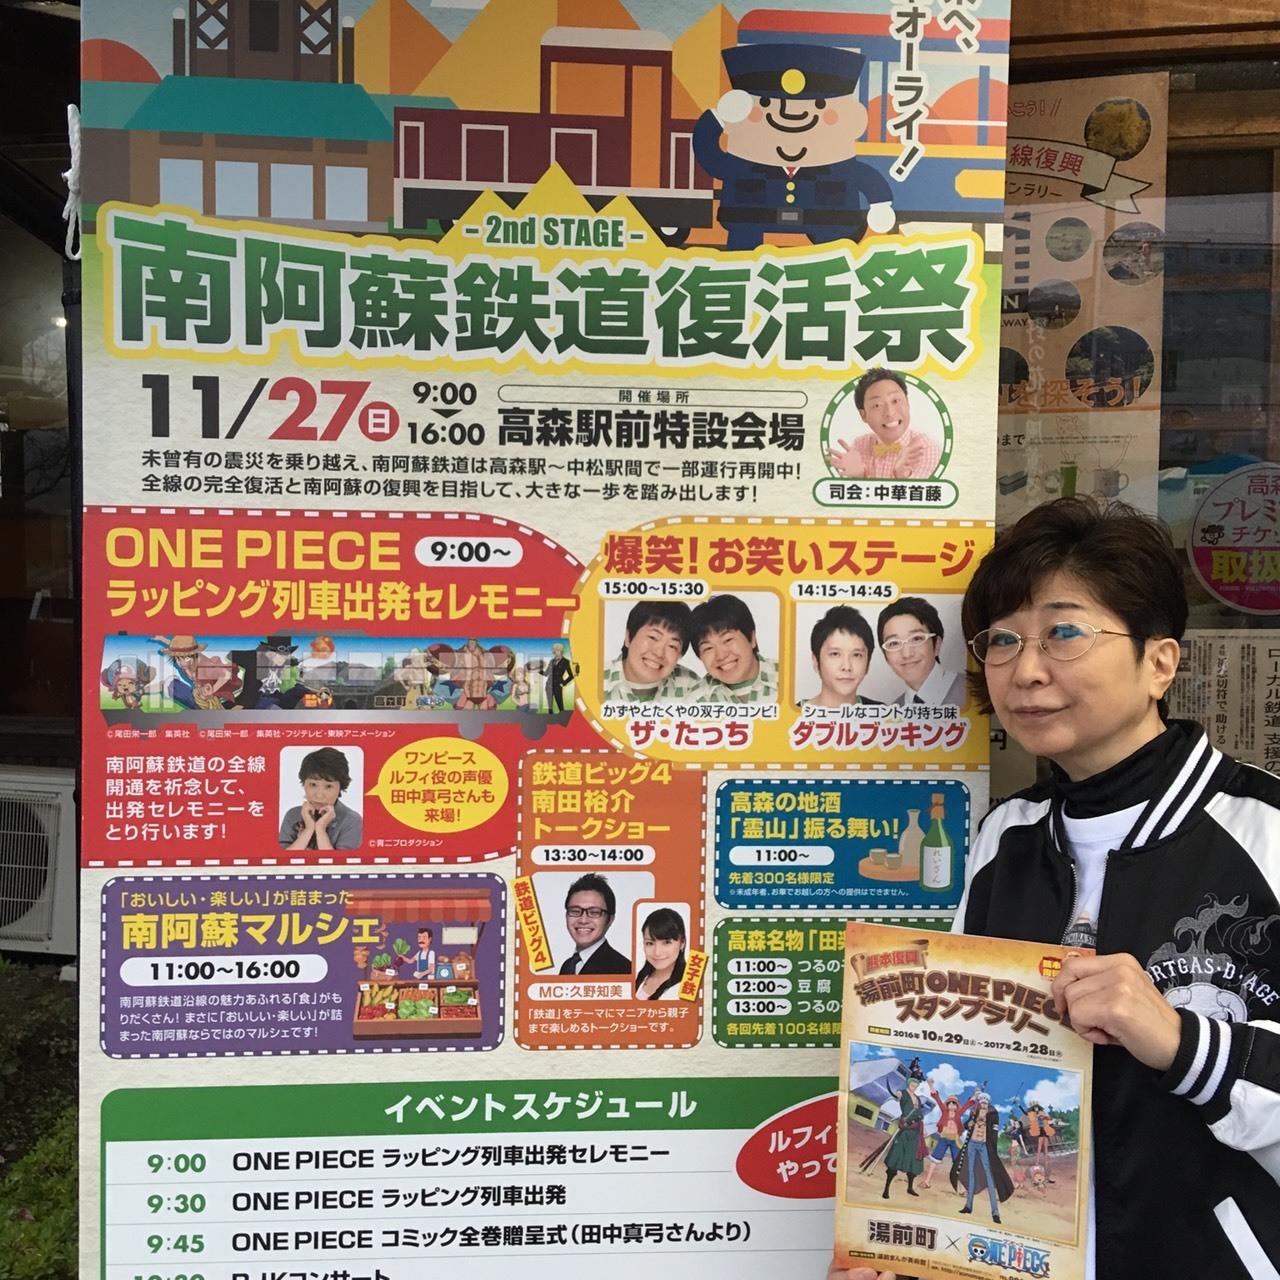 南阿蘇鉄道「ワンピースラッピング列車」出発セレモニー_a0163623_23120908.jpg